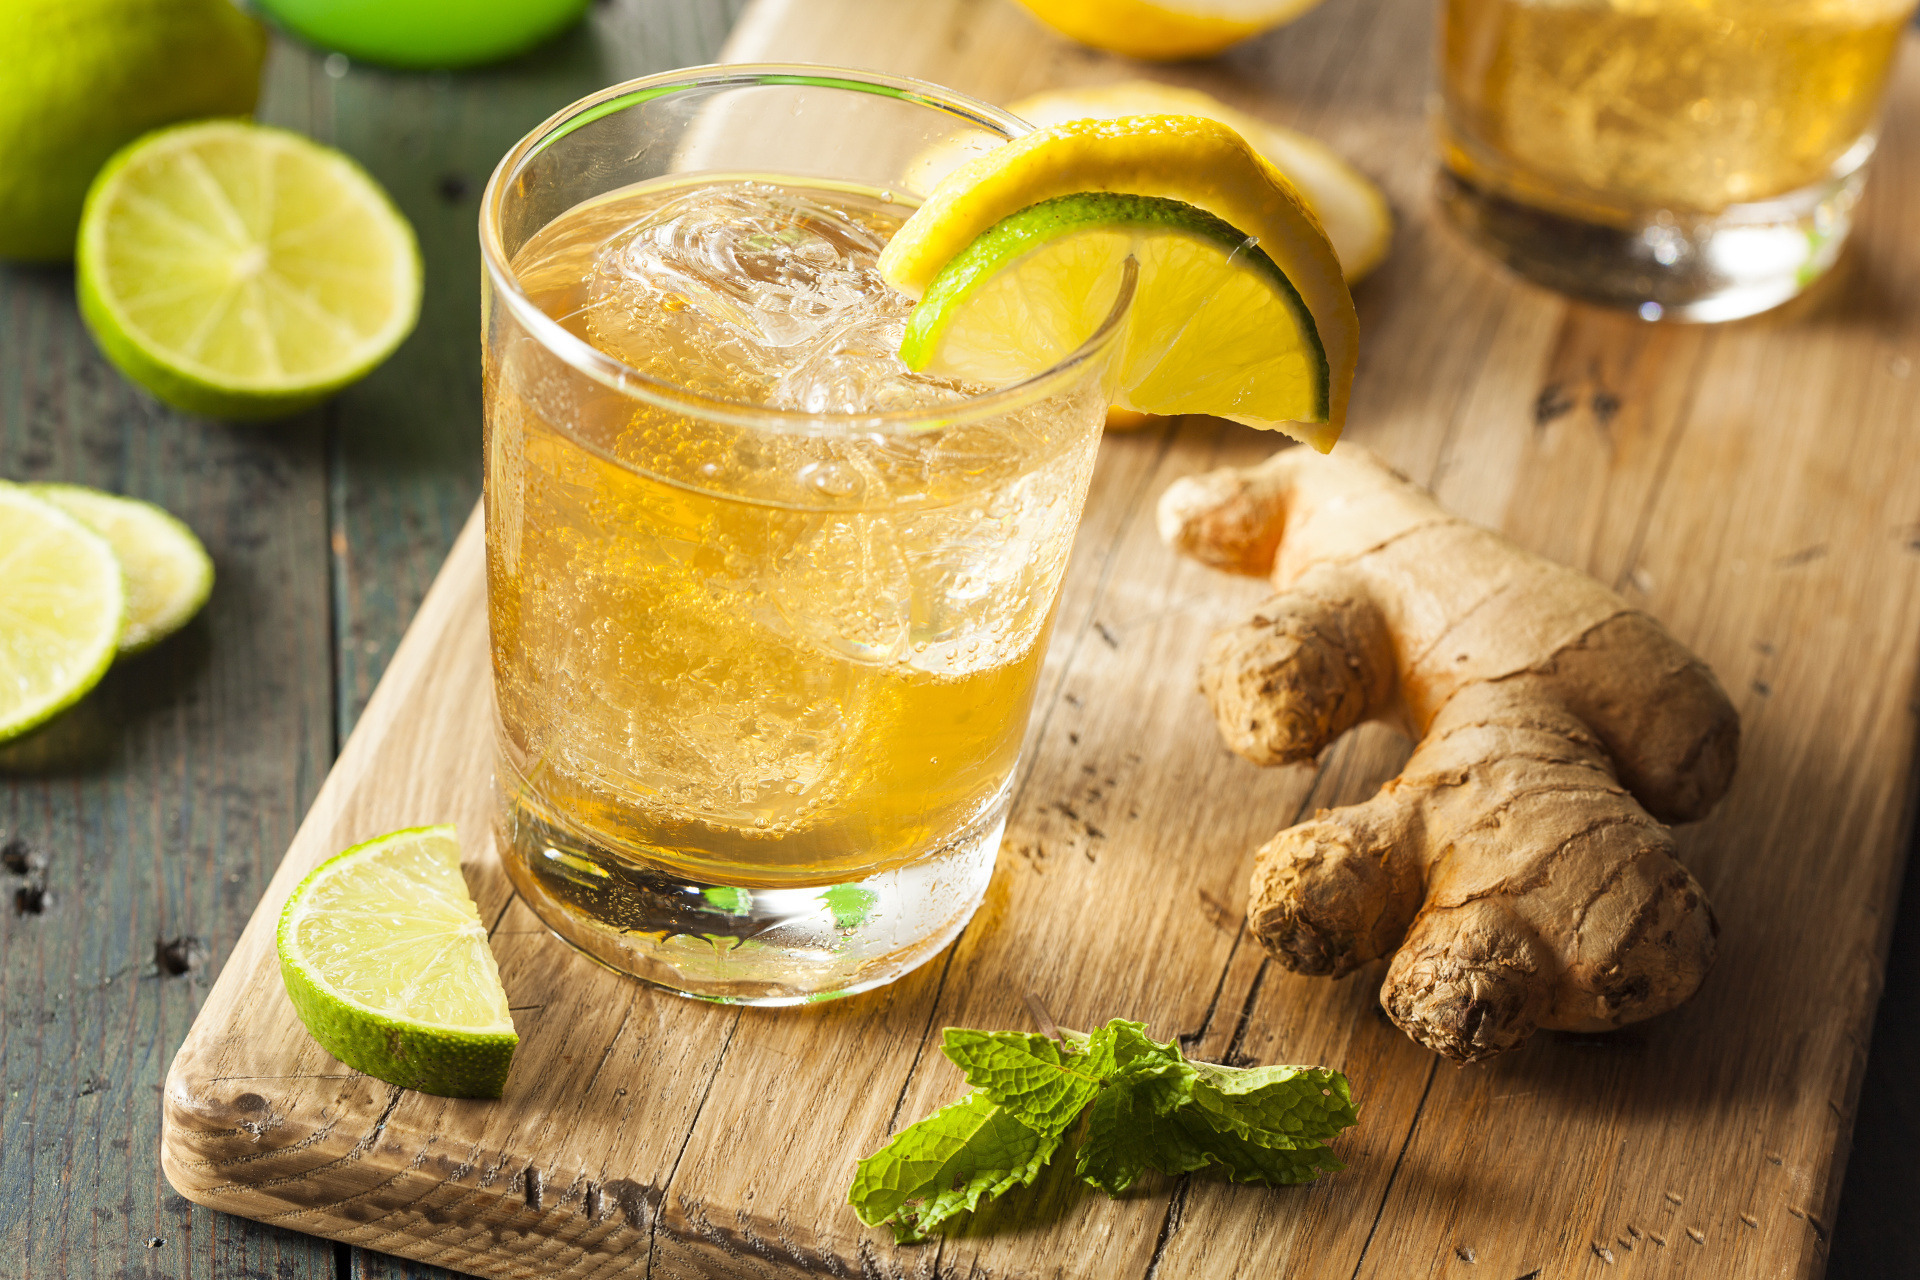 Картинки по запросу ginger and lemon juice